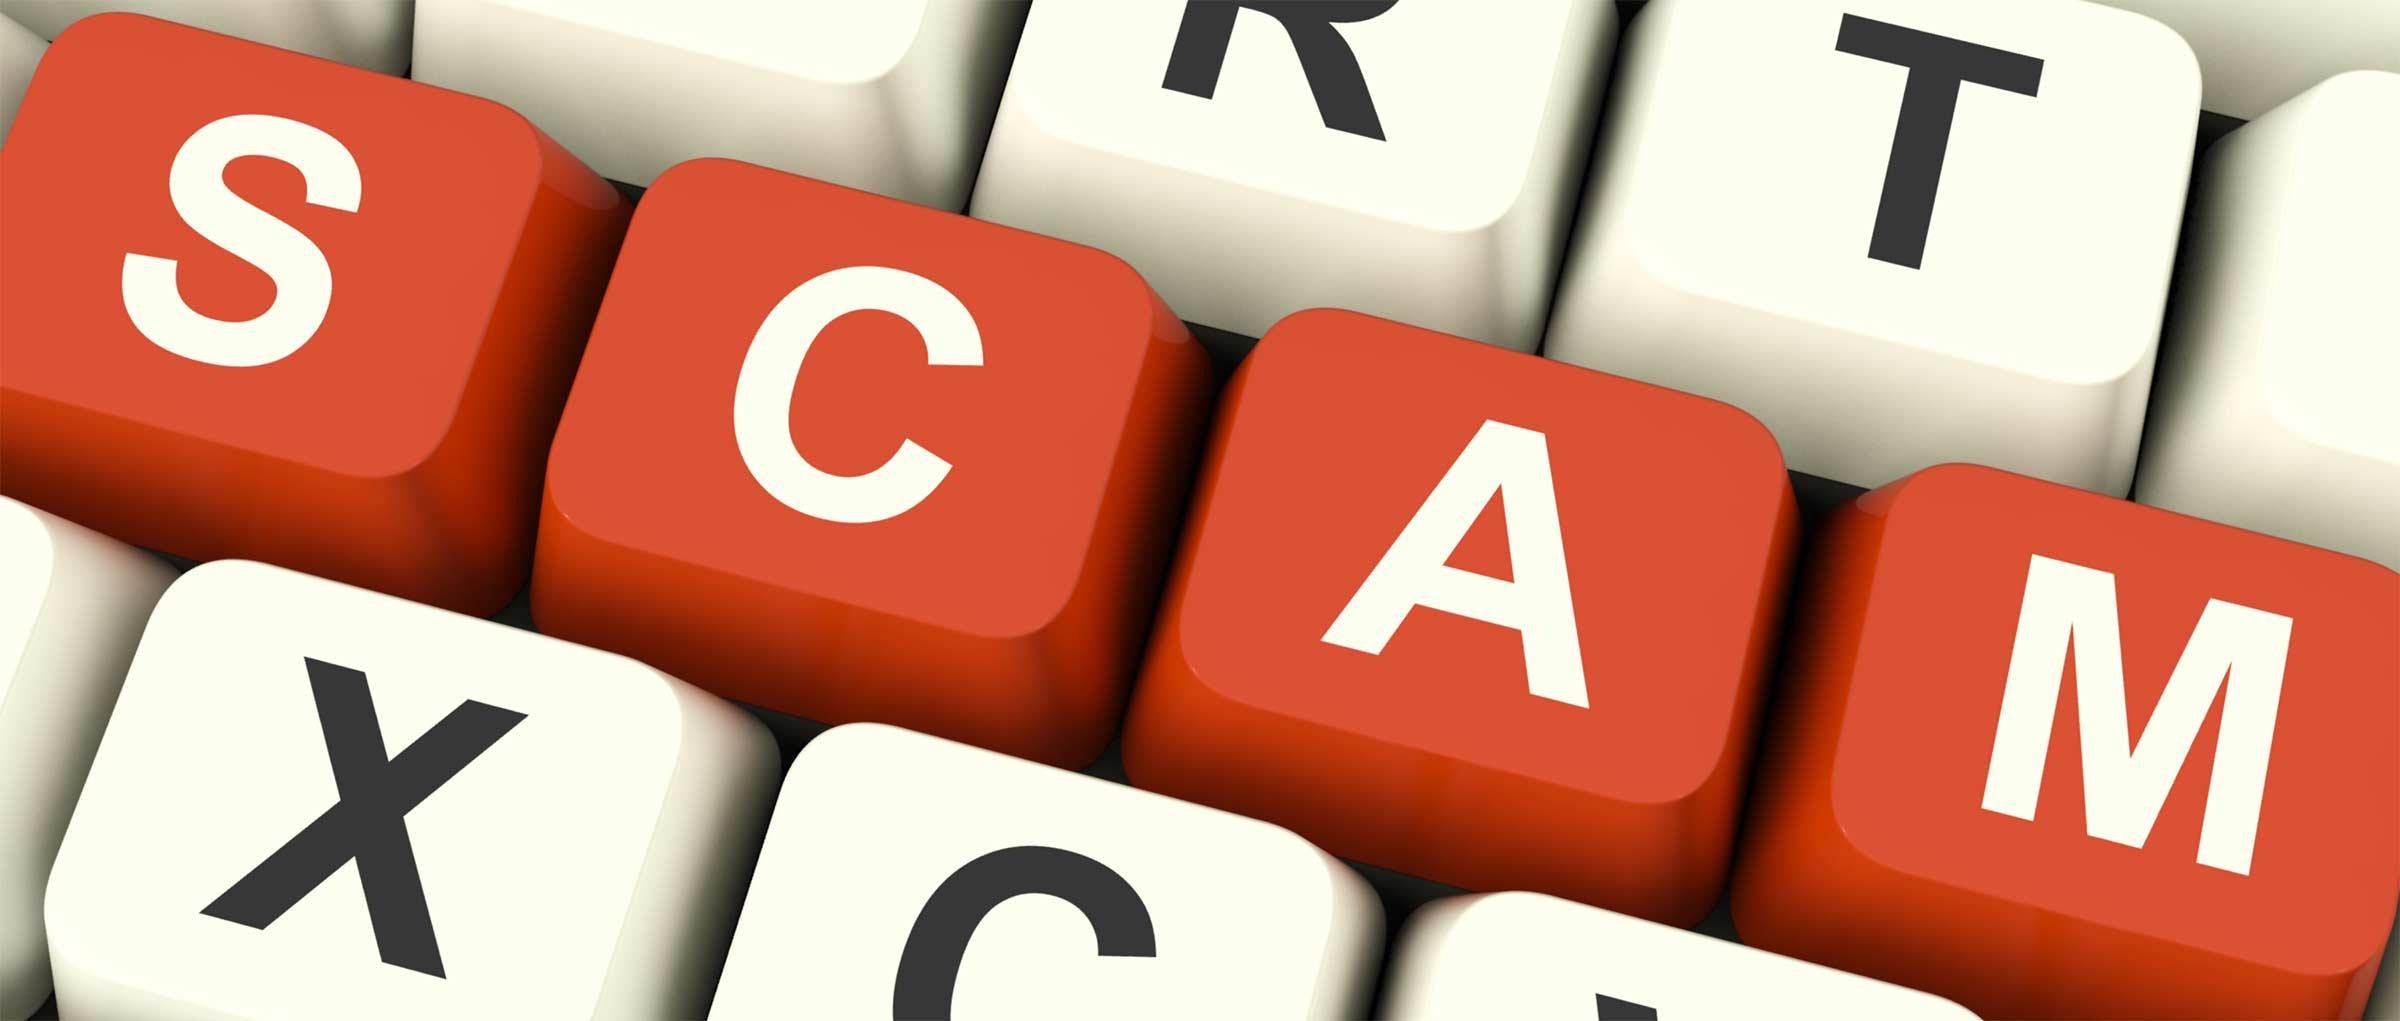 scam-personal-loan.jpg